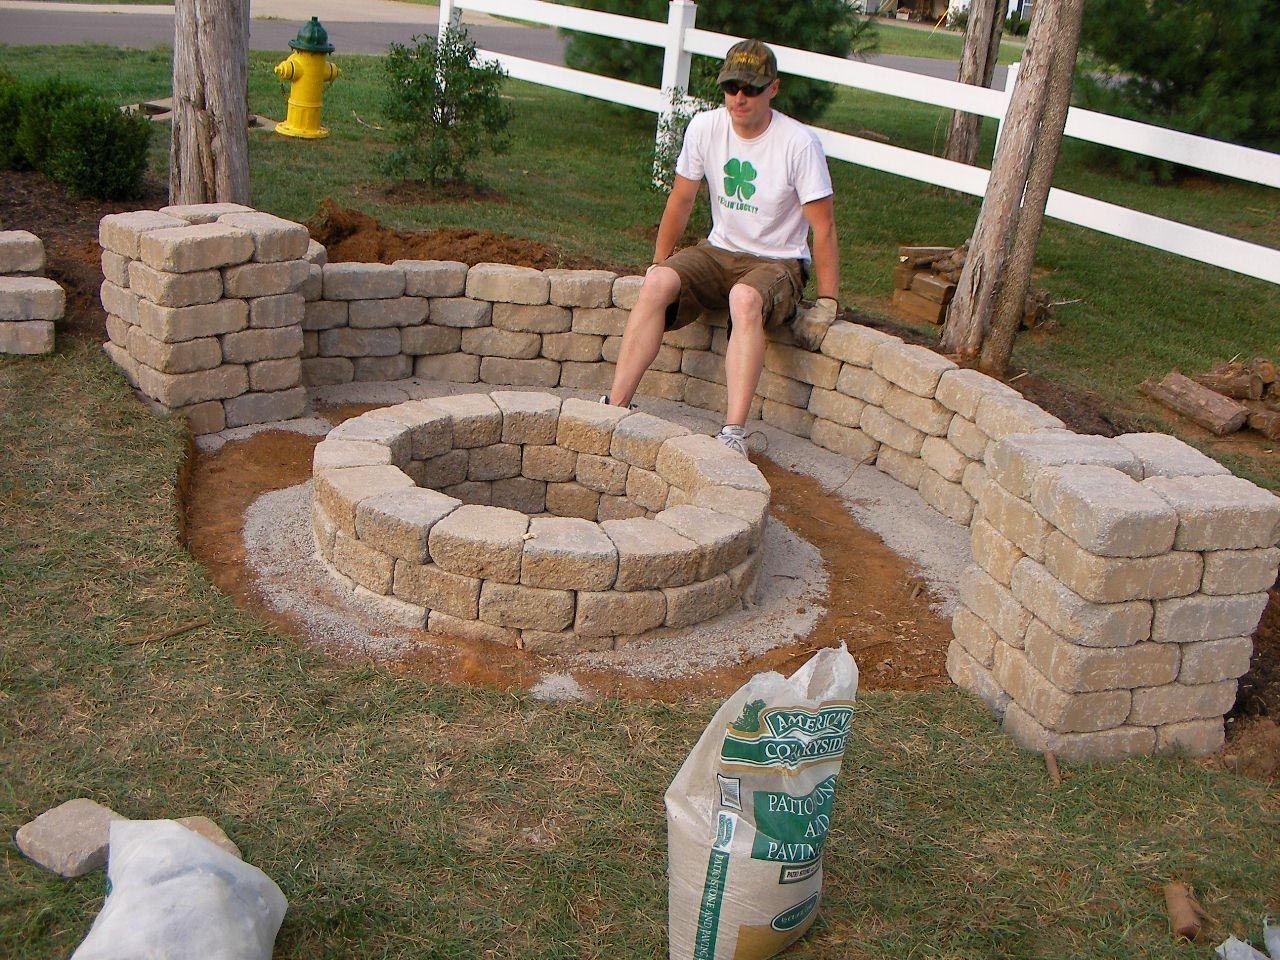 Fire pit Idea 4